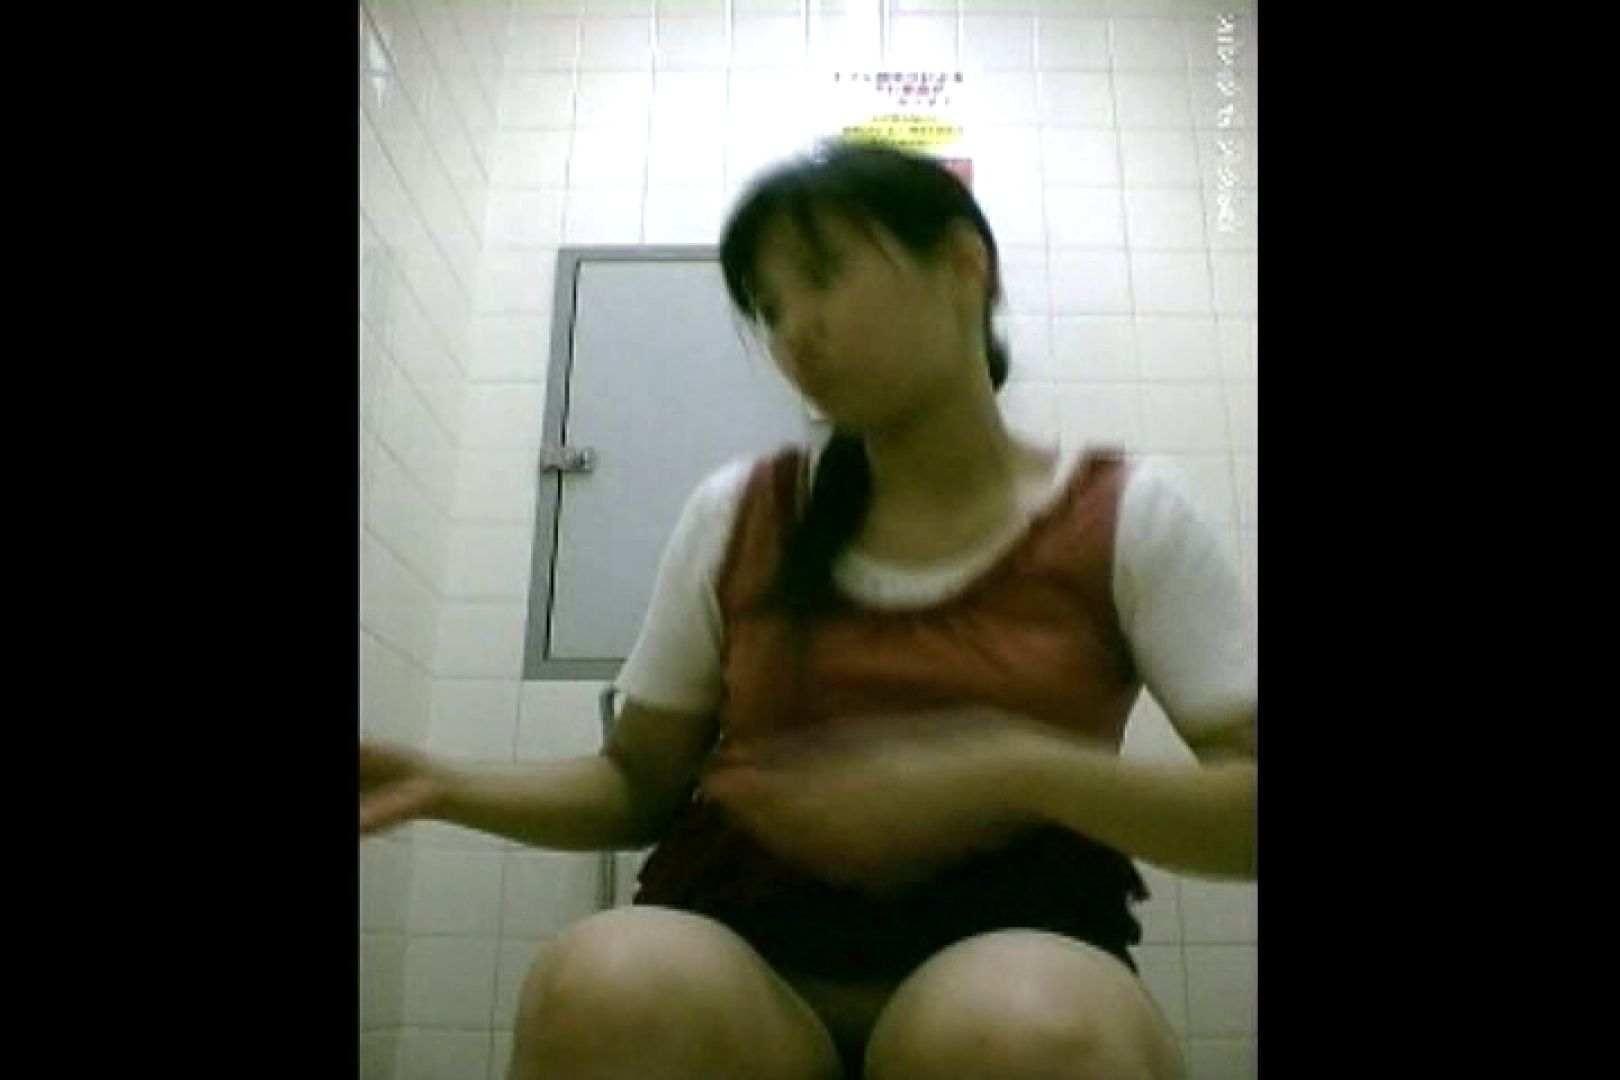 美女洗面所!痴態の生現場その14 美女のヌード 盗撮動画紹介 56画像 46